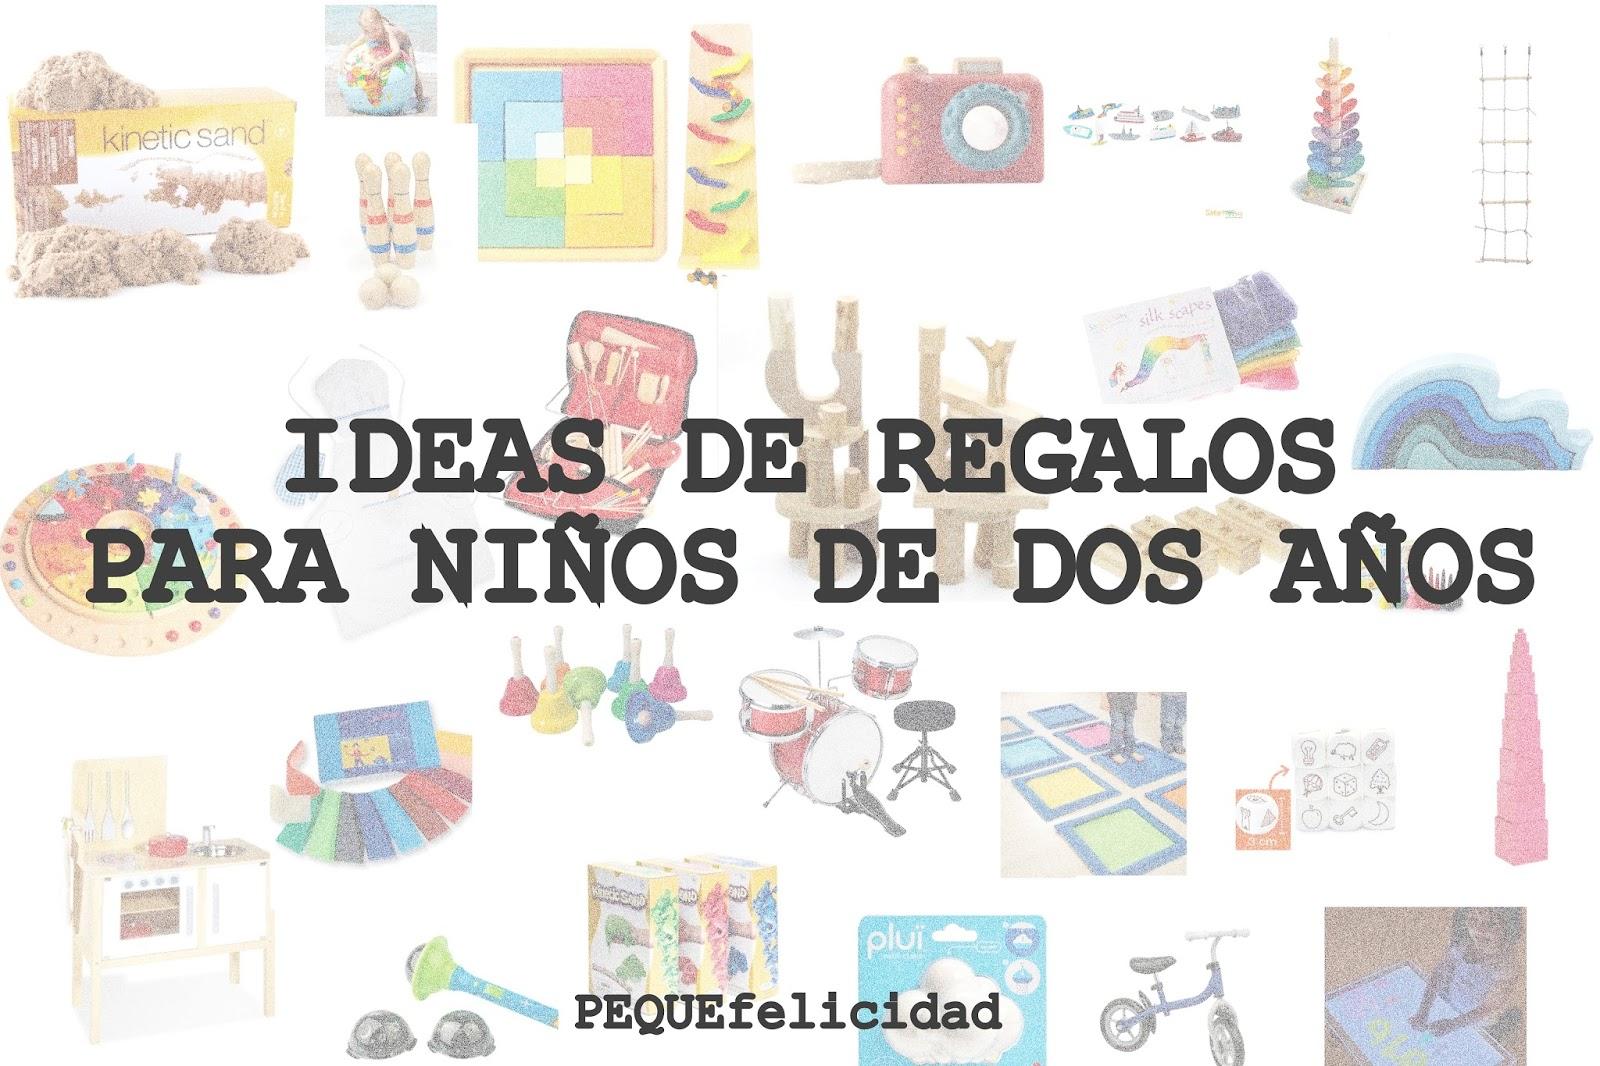 Regalo Nina 3 Anos Original.Pequefelicidad 40 Ideas De Regalos Para Ninos De Dos Anos